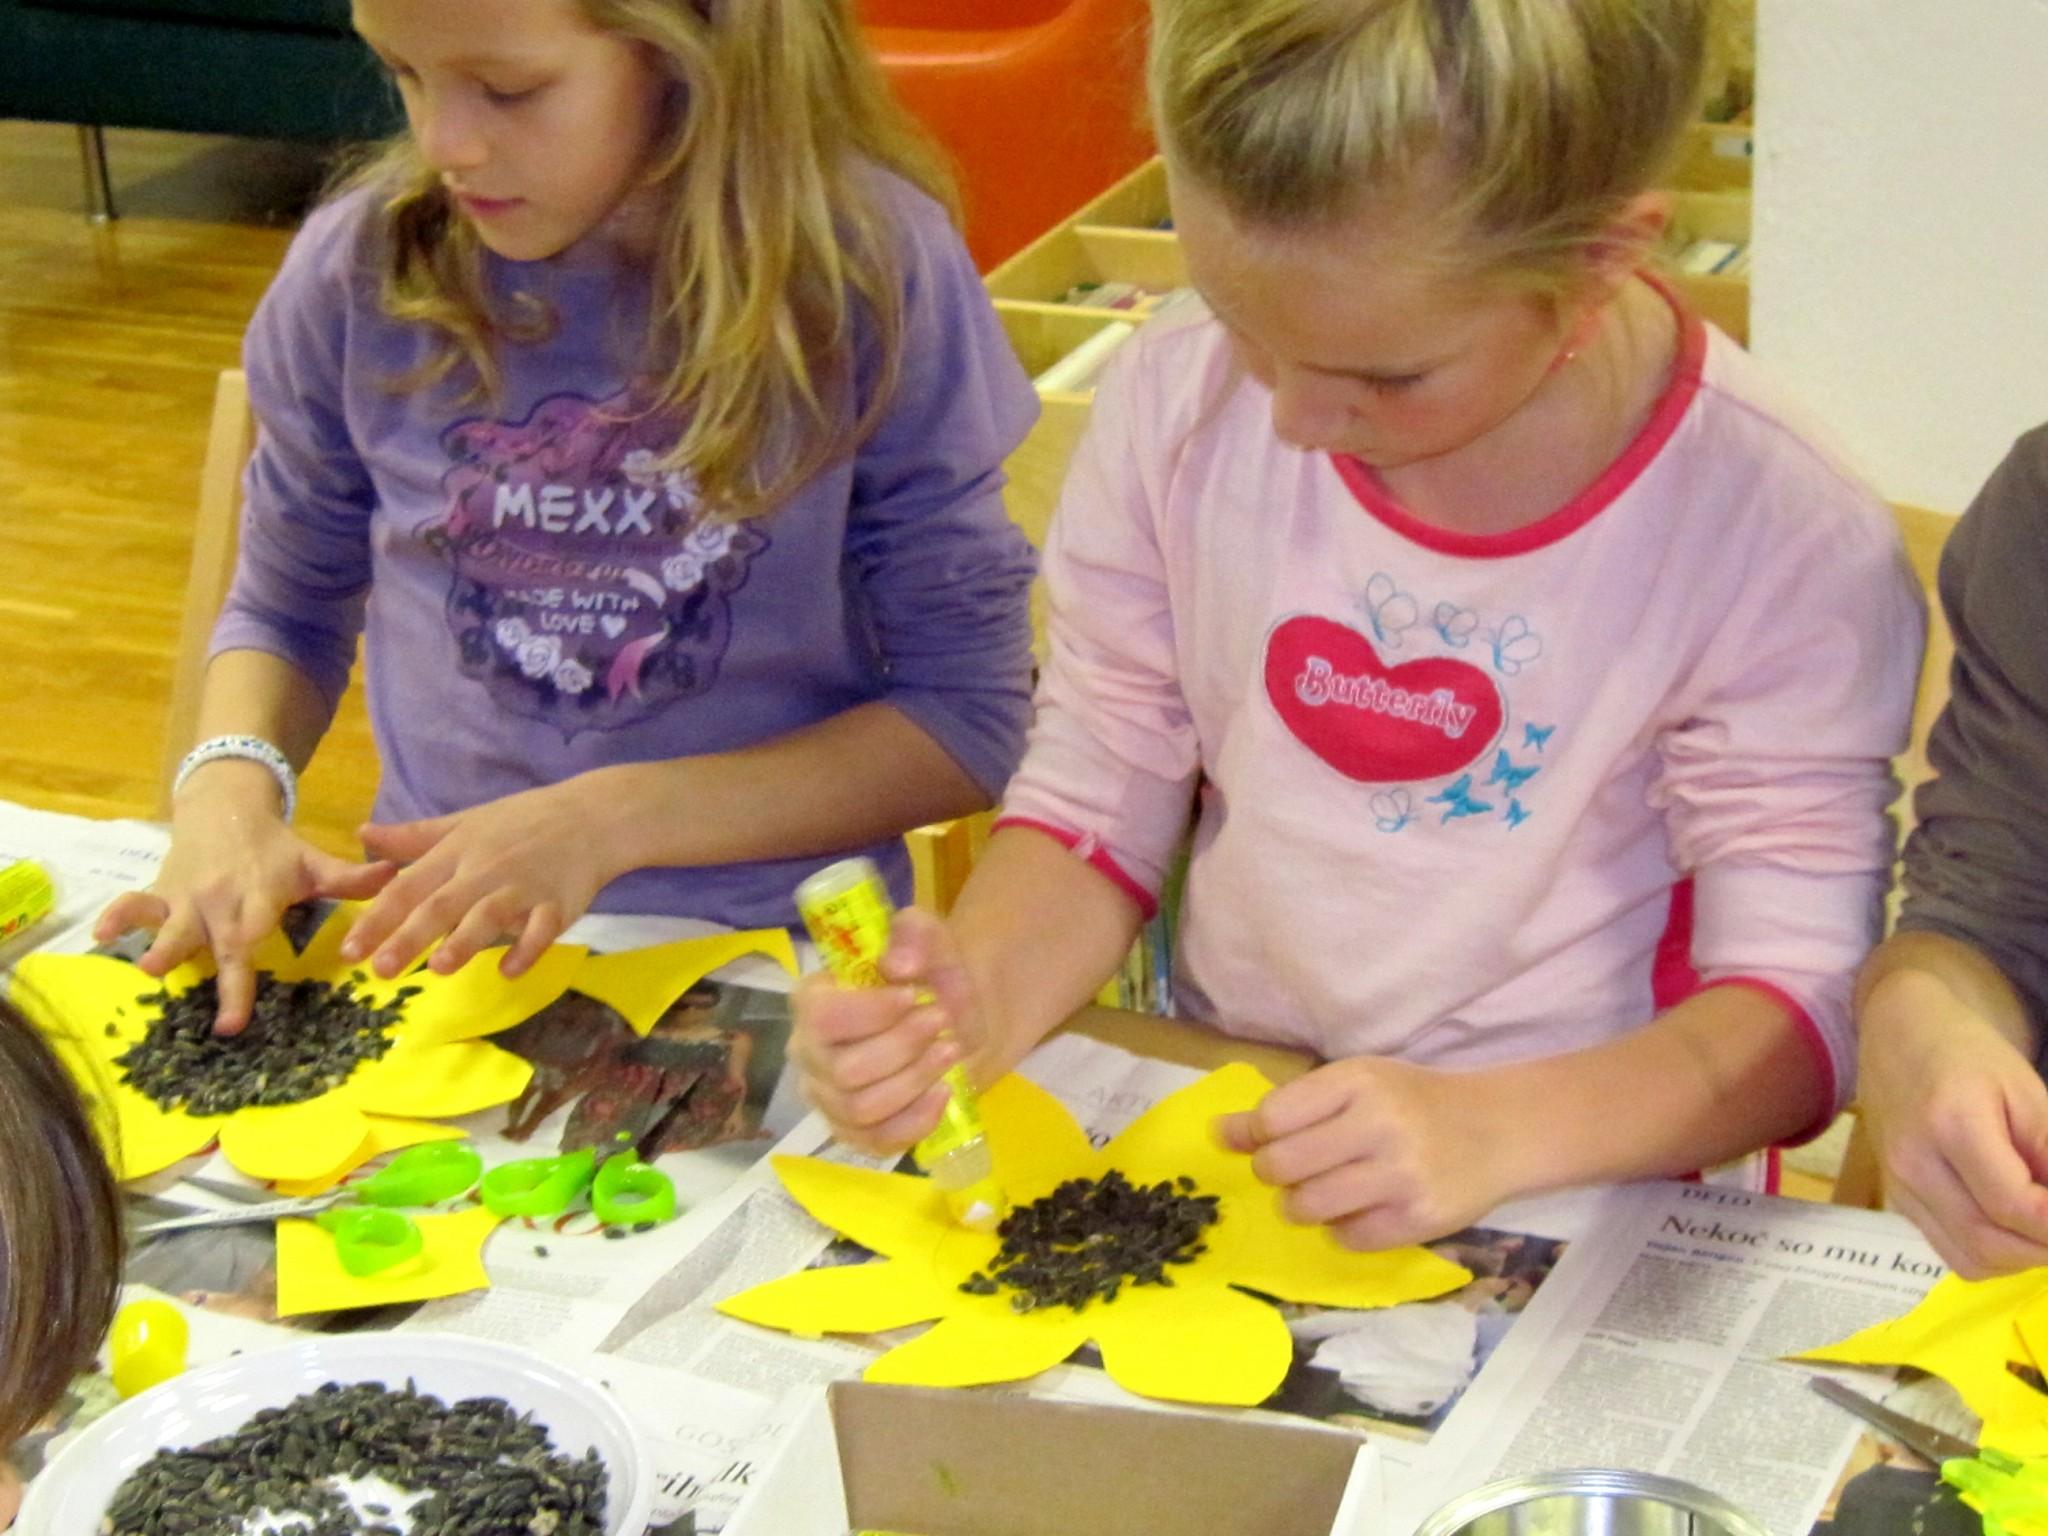 IMG 2299 - Pravljična urica z ustvarjalno delavnico za otroke od 4. leta dalje